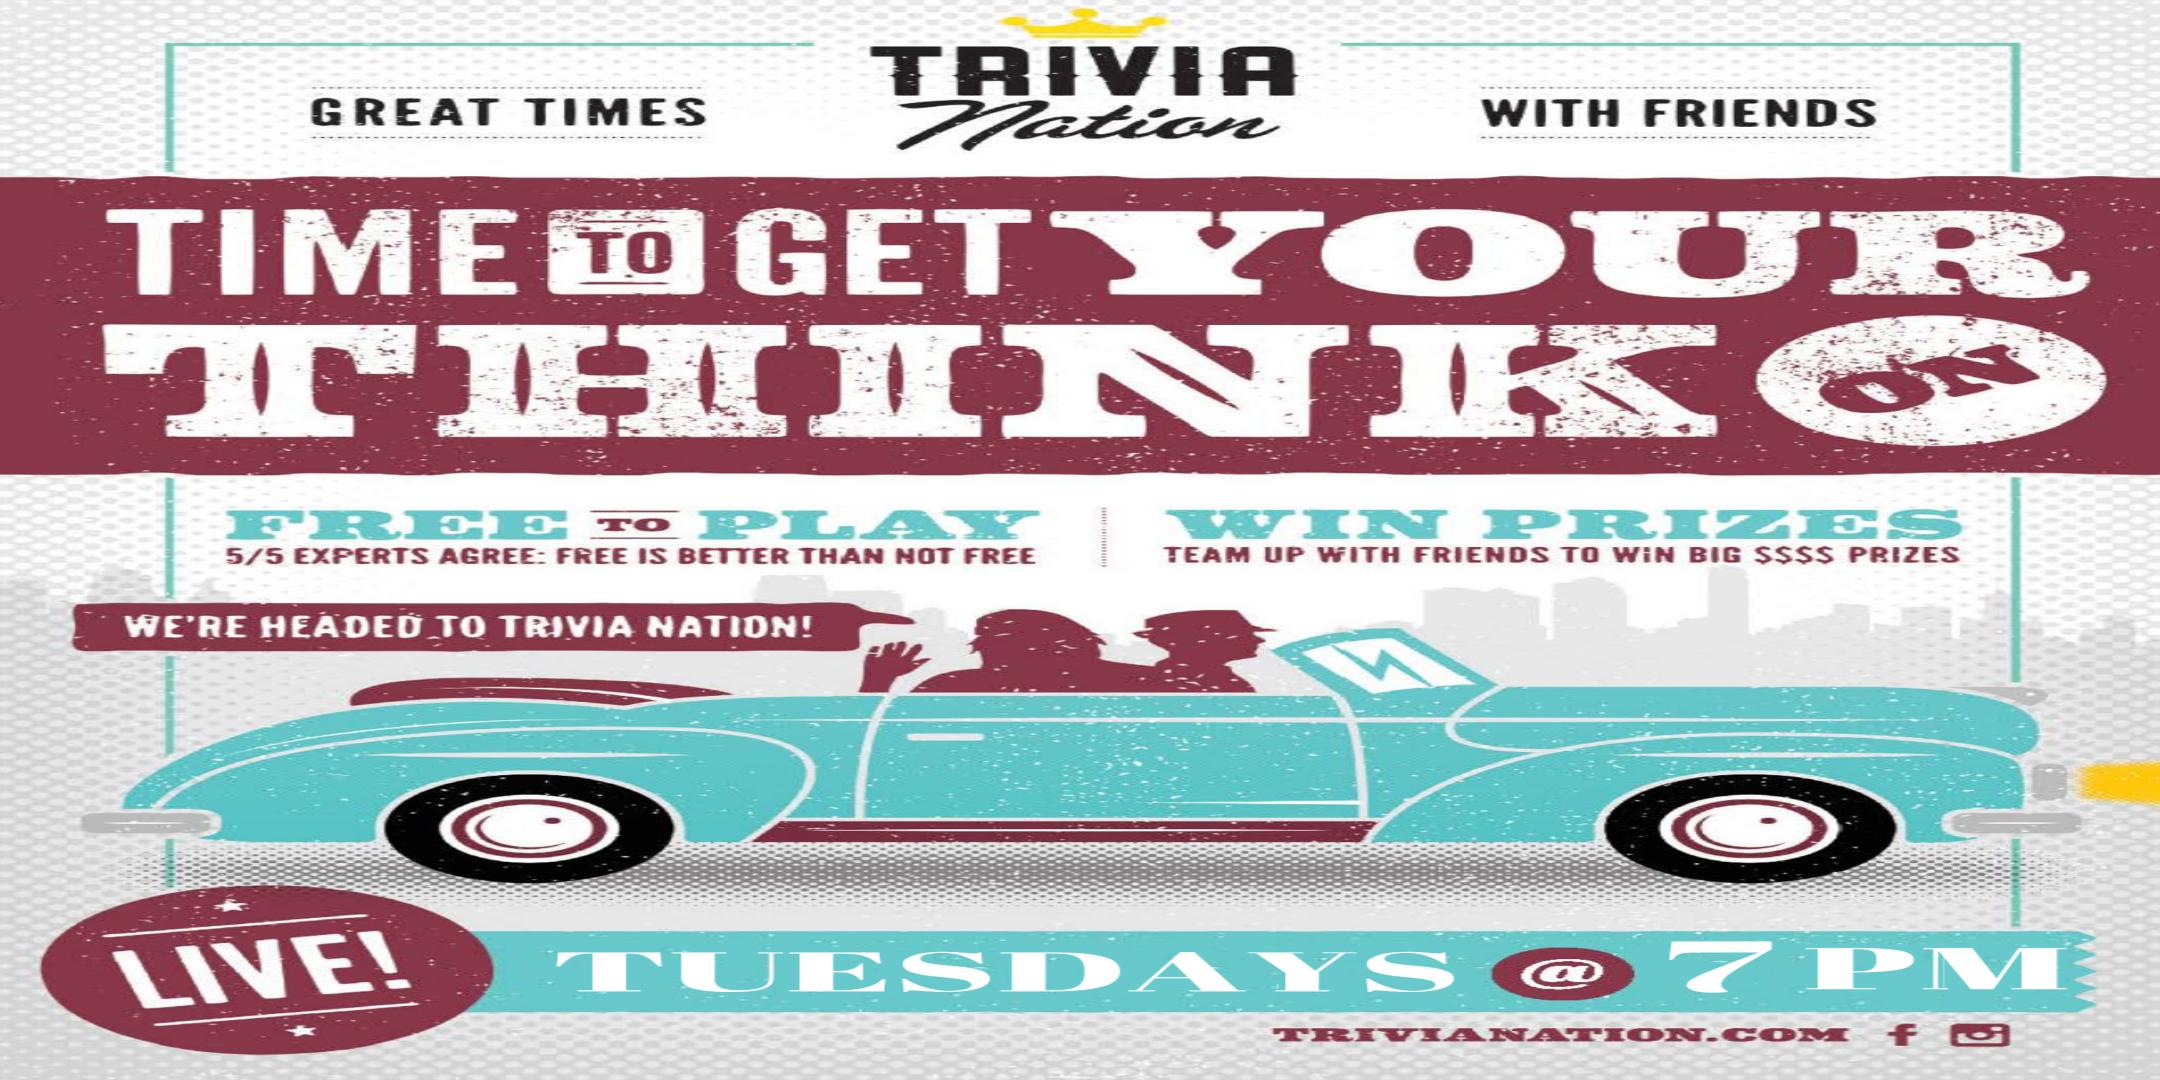 Trivia Nation Free Live Trivia at Irish 31 - Westchase Tuesday's at 7 pm